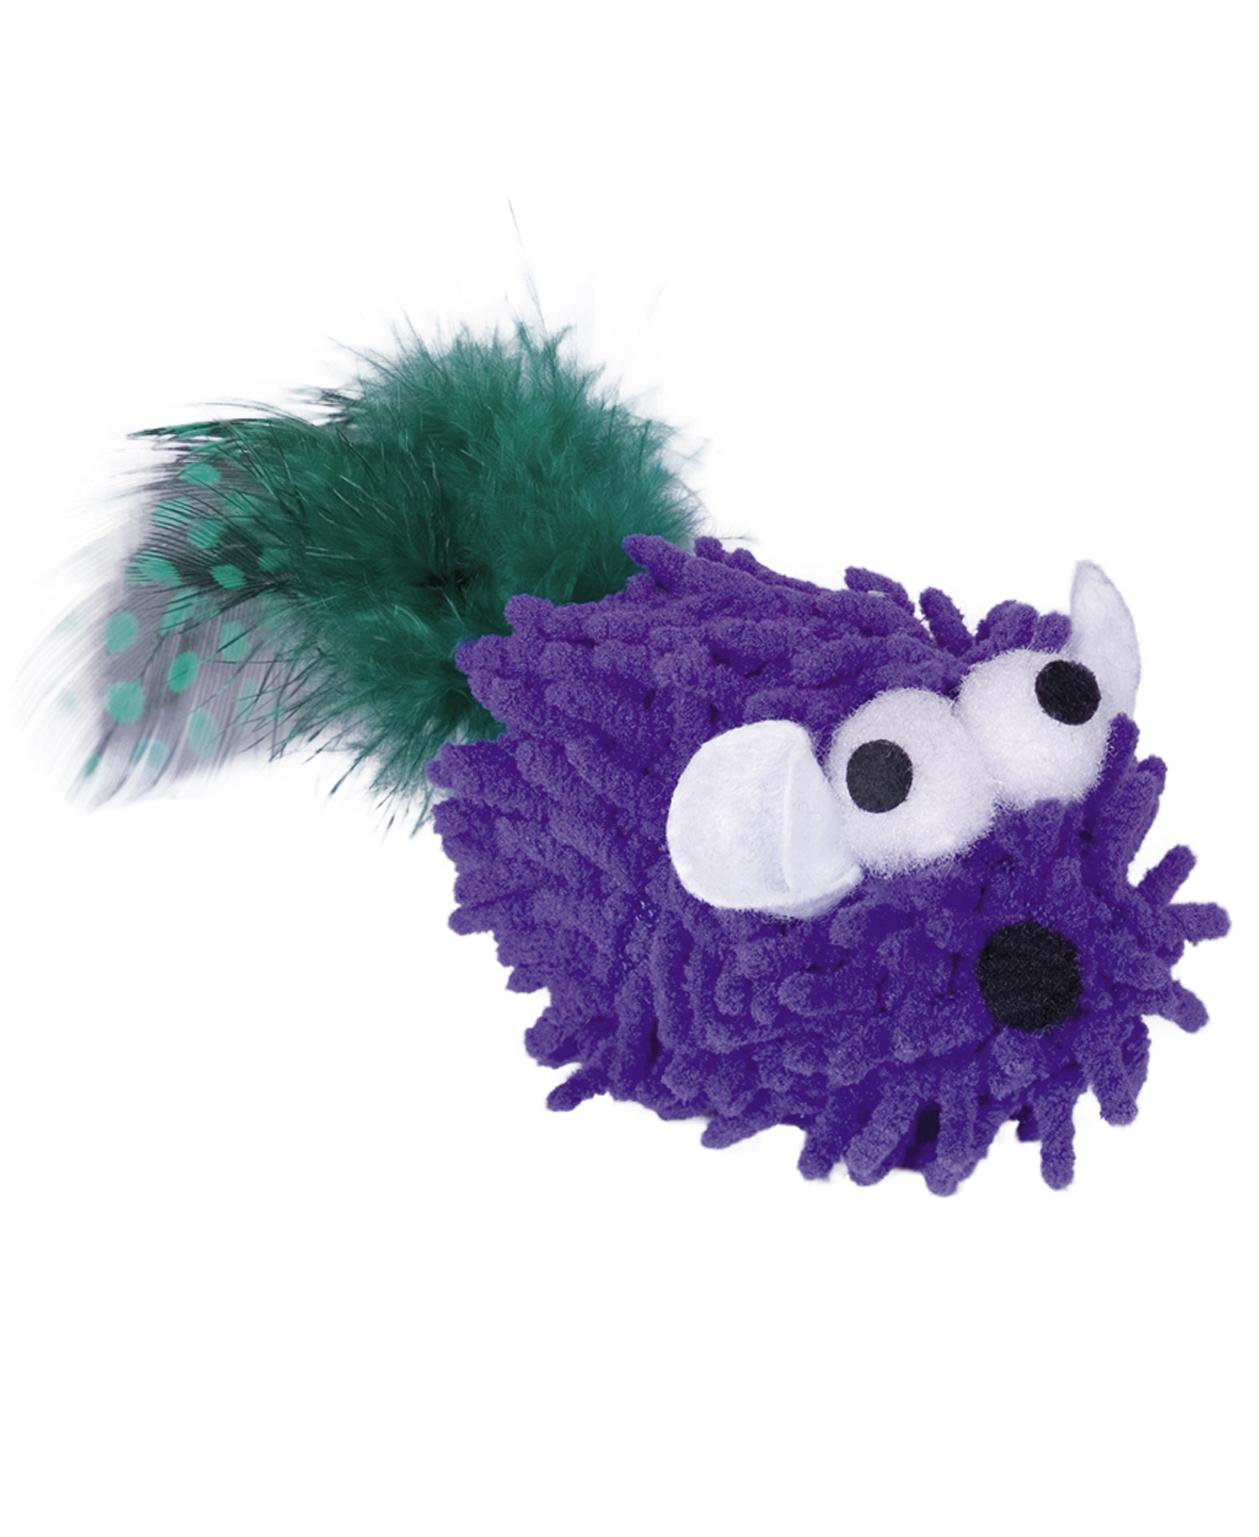 Jouet Souris Moppy Poupre avec plumes et herbe à chat - Nobby